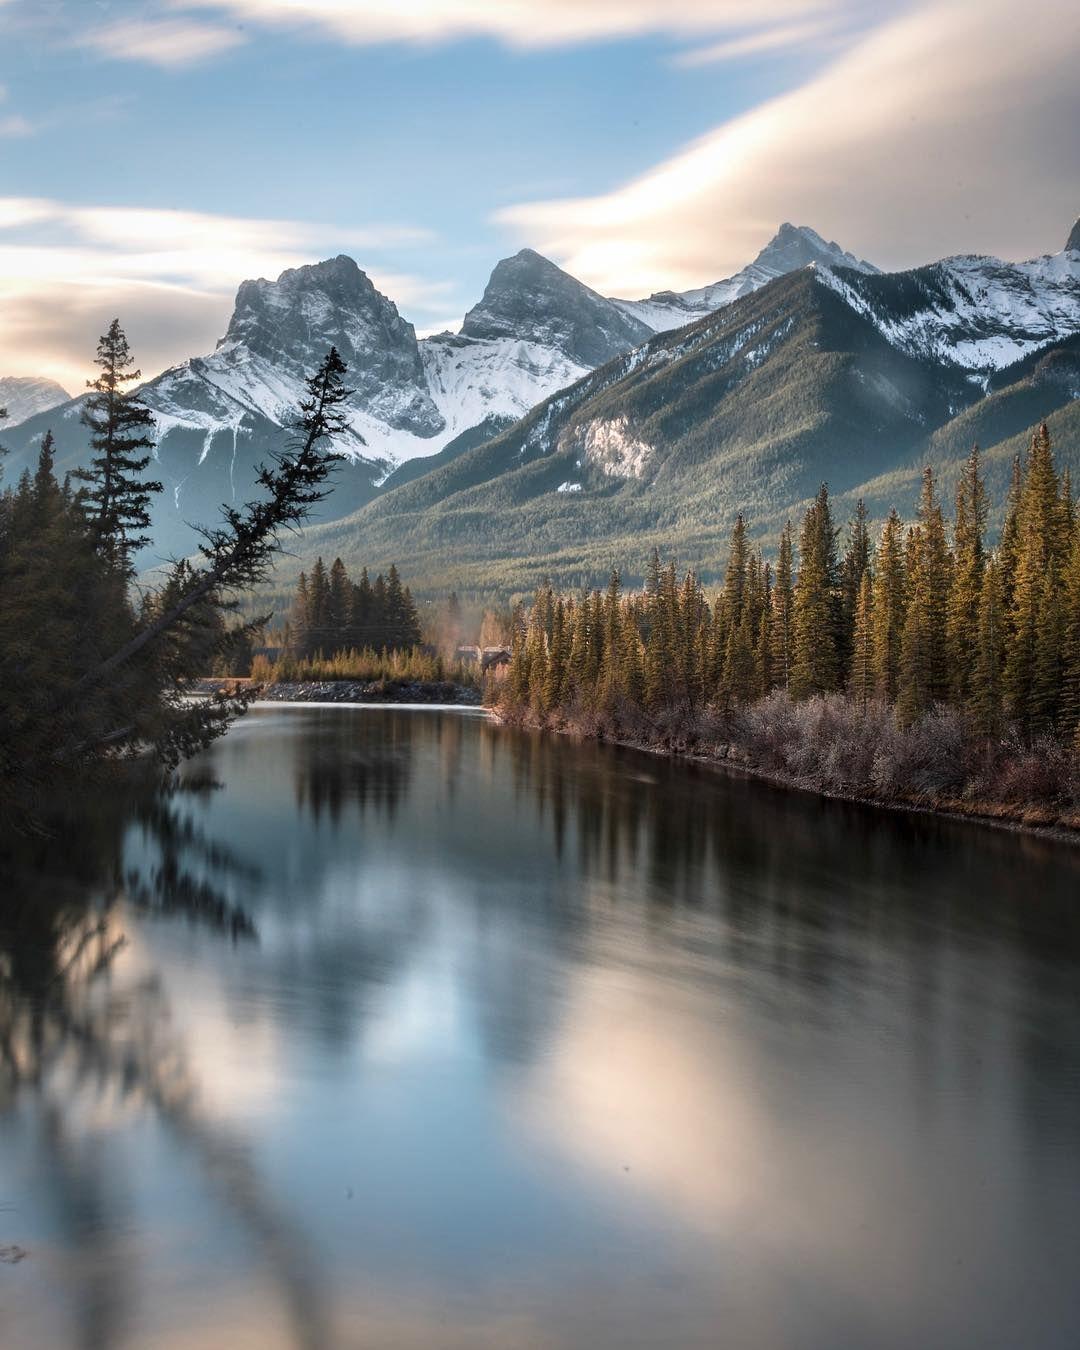 самые красивые горные пейзажи фото